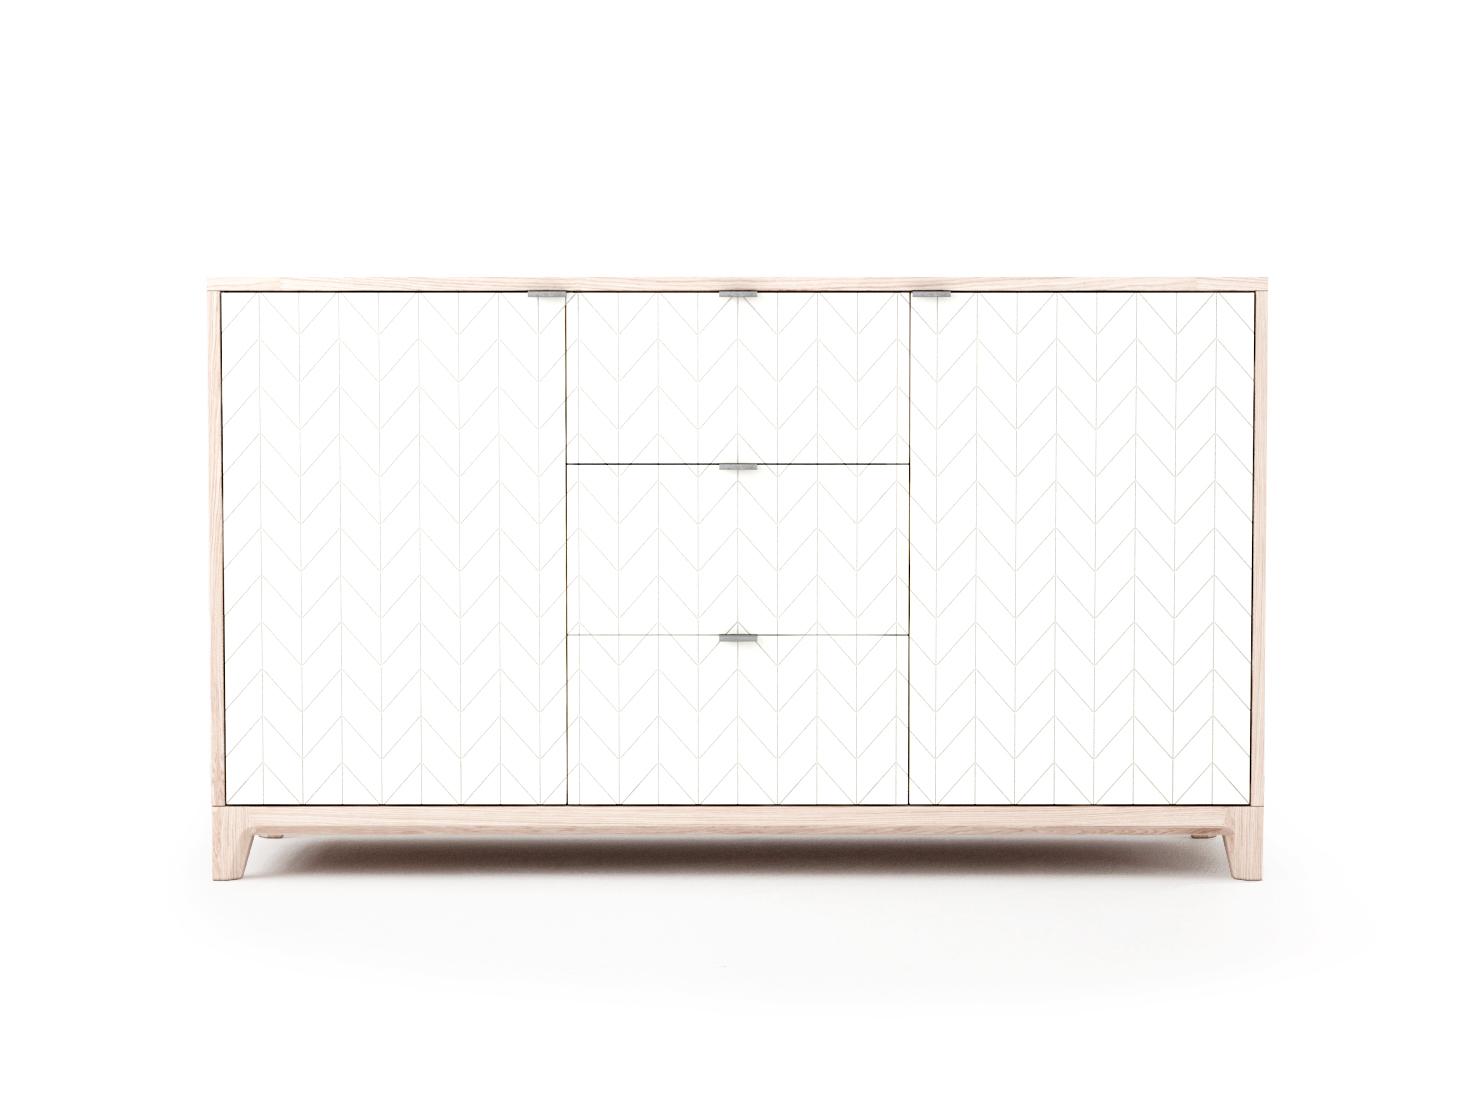 Комод CASEИнтерьерные комоды<br>Элегантность и практичность, приятные цветовые решения и современный дизайн гармонично сочетаются в комоде CASE.<br><br>Базовая ширина комода – 140 см, поэтому на нем можно разместить целый ряд предметов. <br>Комод очень вместителен и может использоваться в любом помещении - гостиной, спальне или даже в офисе.<br><br>Основание выполнено из массива дуба, а корпус – из мдф, что гарантирует прочность и экологичность изделия. Благодаря качественной фурнитуре, вместительные ящики двигаются плавно и бесшумно.  А главная изюминка коллекции - это фасады с объемной фрезеровкой, цвет и дизайн которых вы можете выбрать сами. <br>Комод CASE доступен в 5 вариантах отделки и 15 цветах эмали.<br><br>Material: МДФ<br>Length см: None<br>Width см: 140<br>Depth см: 40<br>Height см: 80<br>Diameter см: None